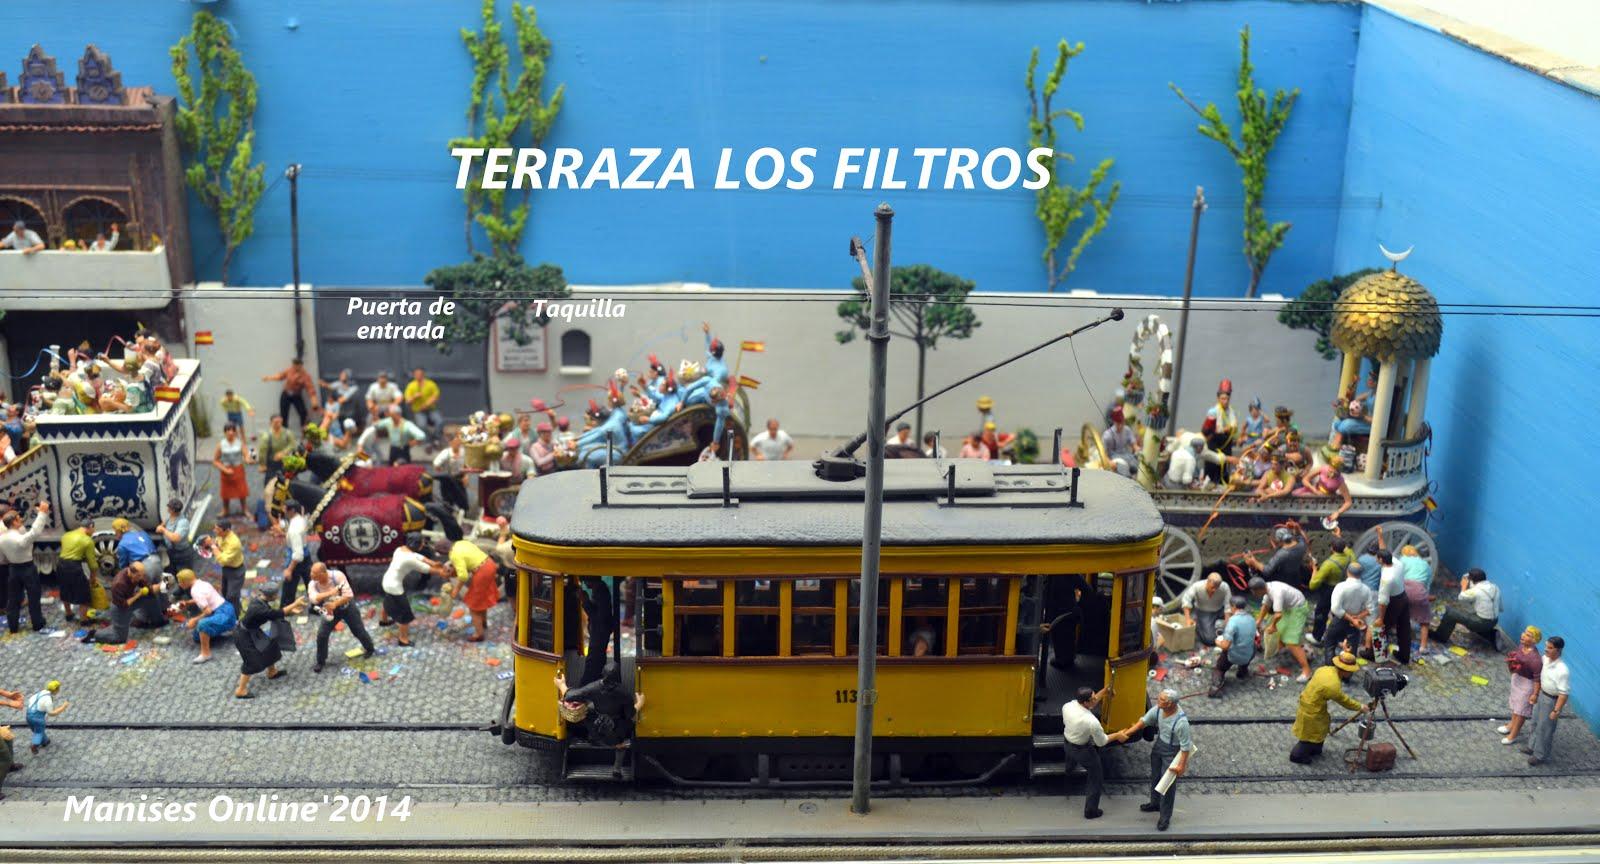 06.06.20 TERRAZA LOS FILTROS